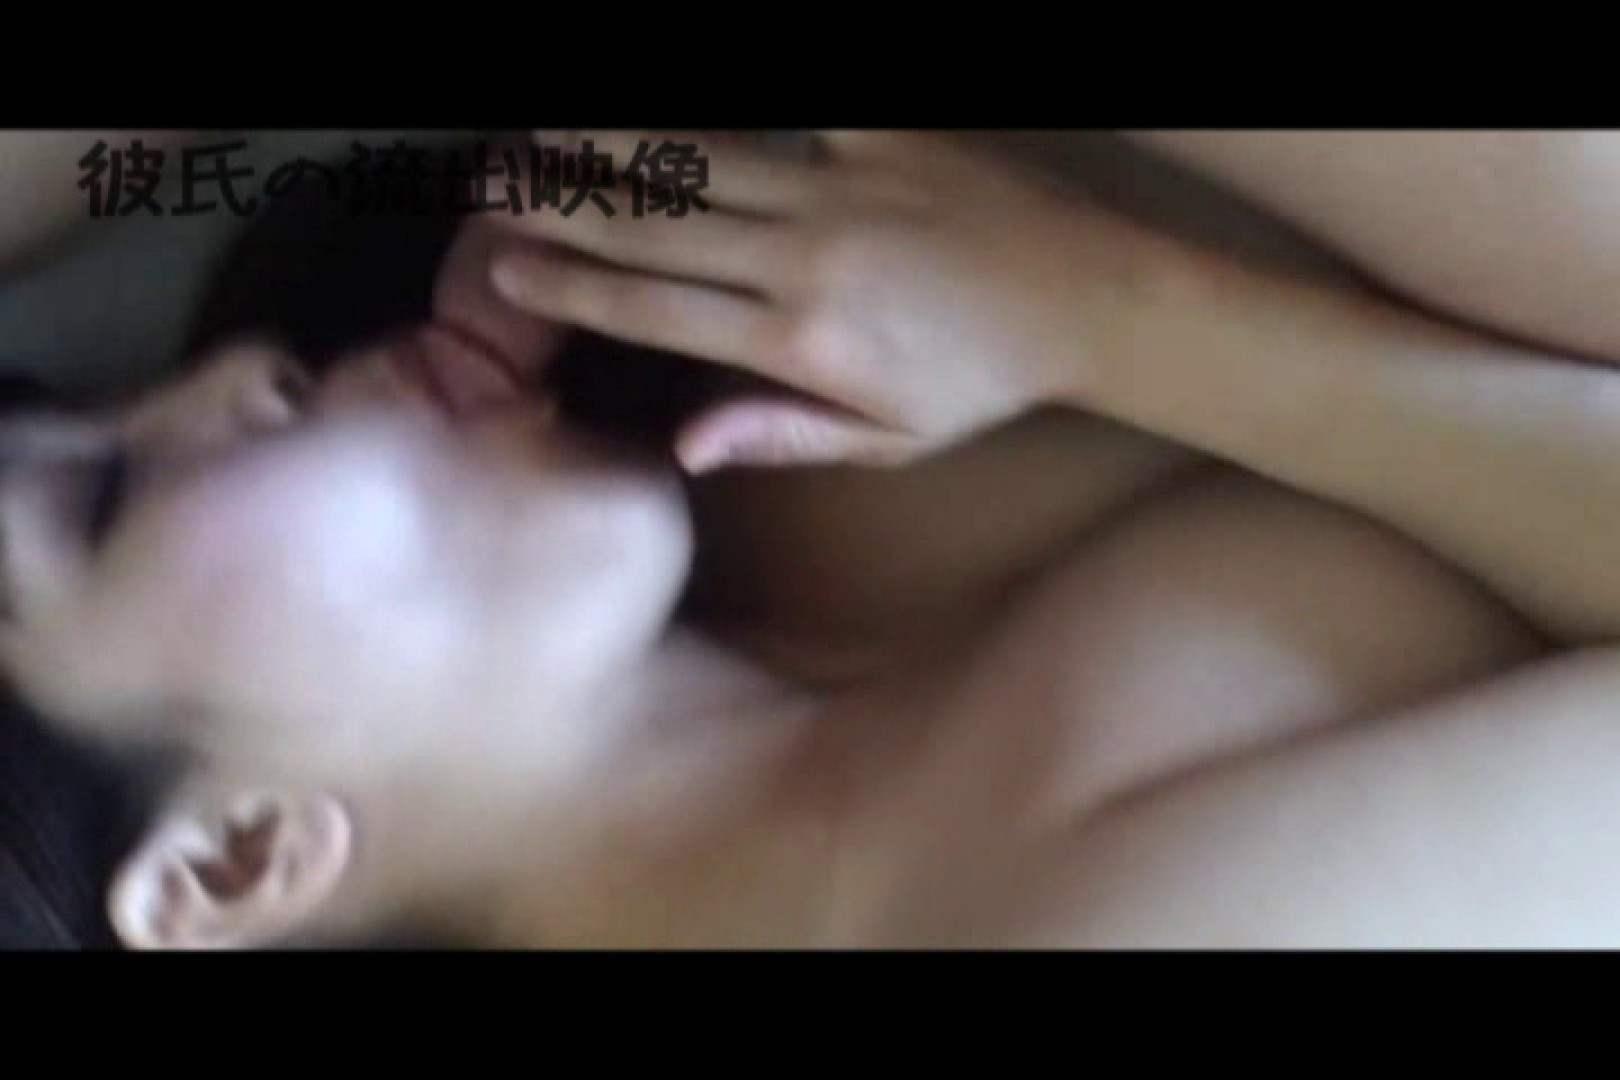 彼氏が流出 パイパン素人嬢のハメ撮り映像03 カップル | 可愛いパイパン  92pic 60